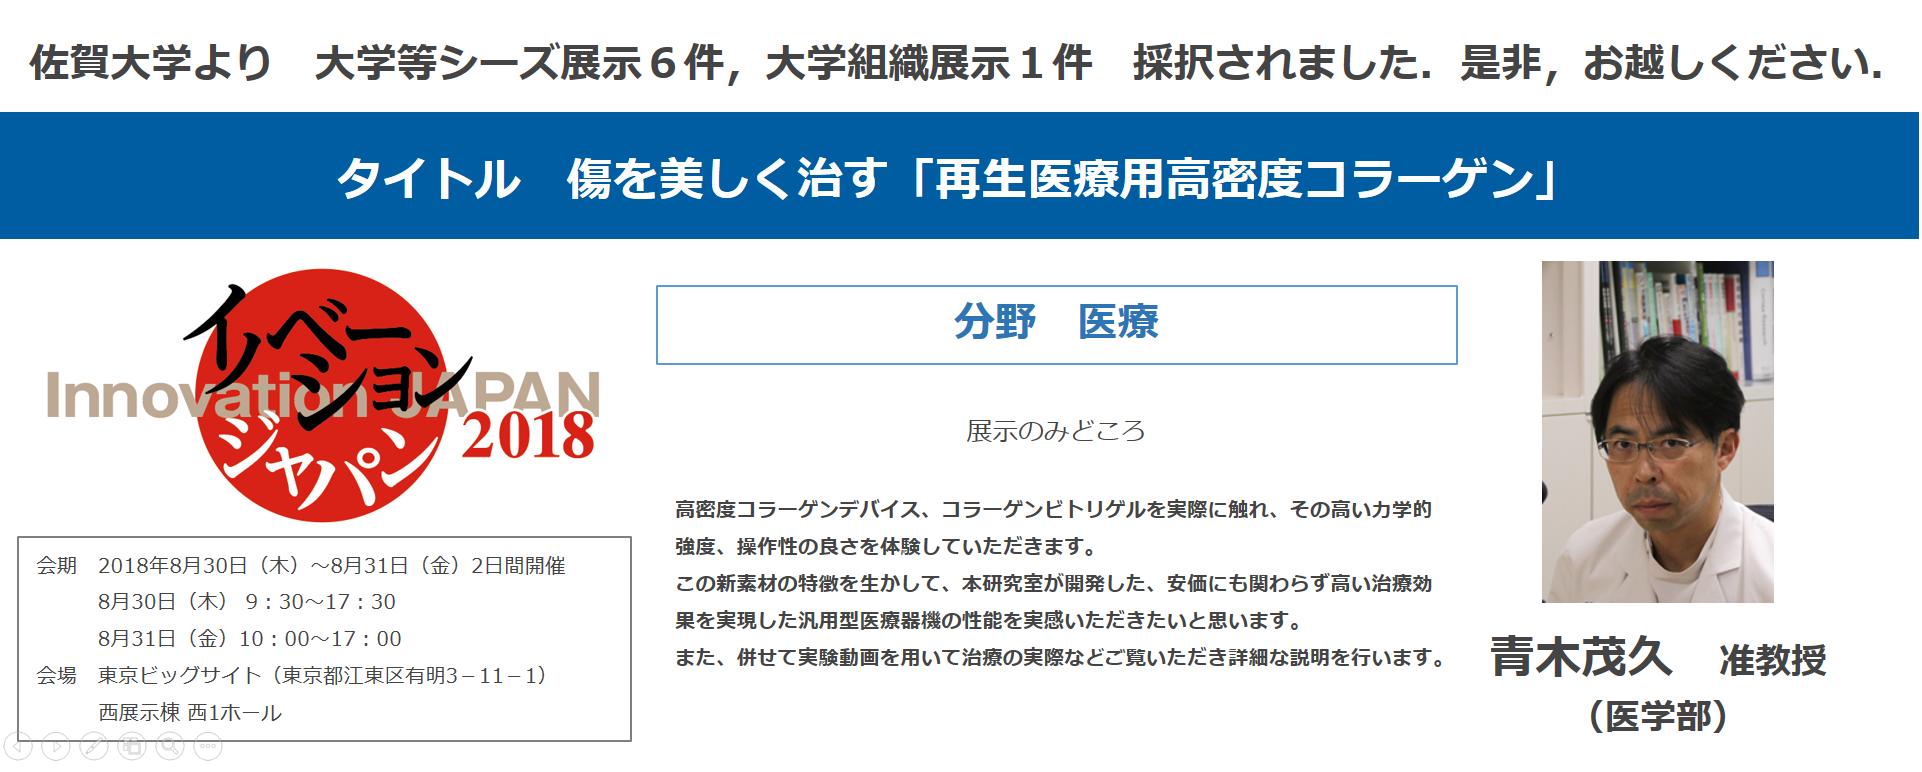 イノベーションジャパン(青木先生)